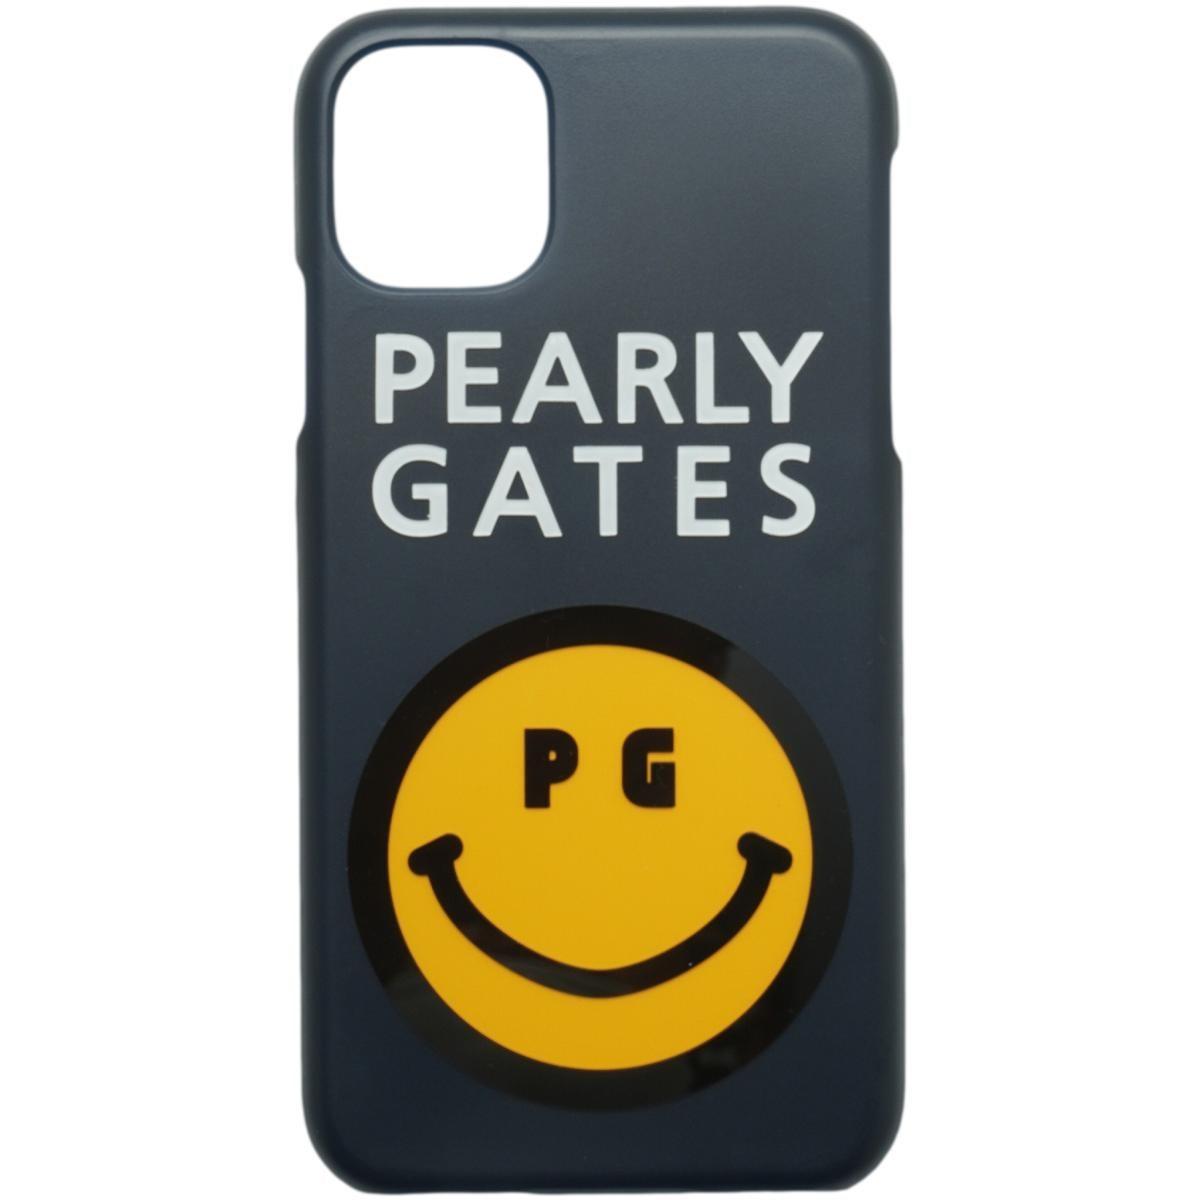 [2020年モデル] パーリーゲイツ PEARLY GATES ニコちゃん iPhone11対応ケース ネイビー 120 ゴルフ